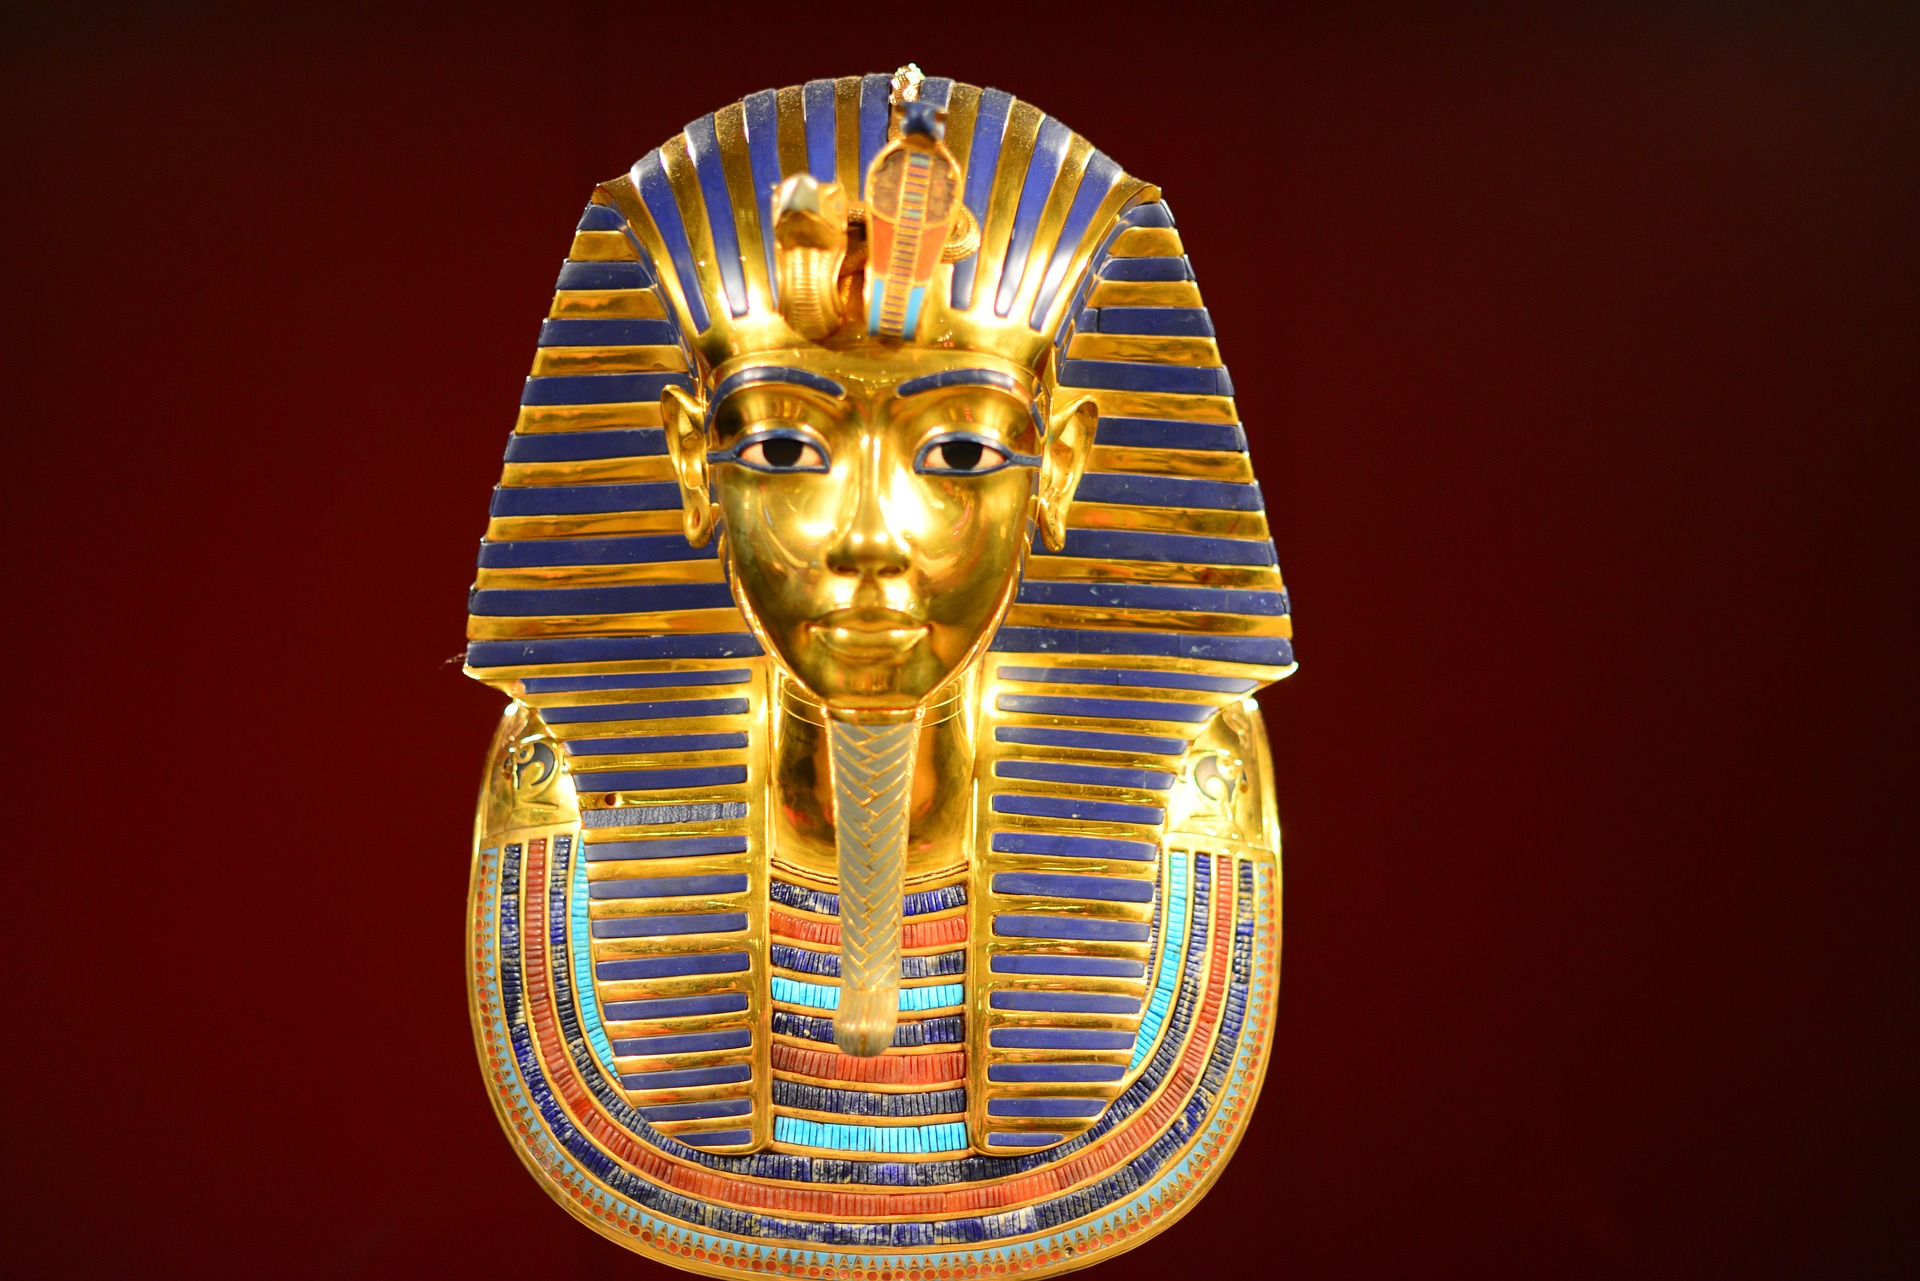 Анализ биологического материала показал, что древние египтяне родом не из Африки